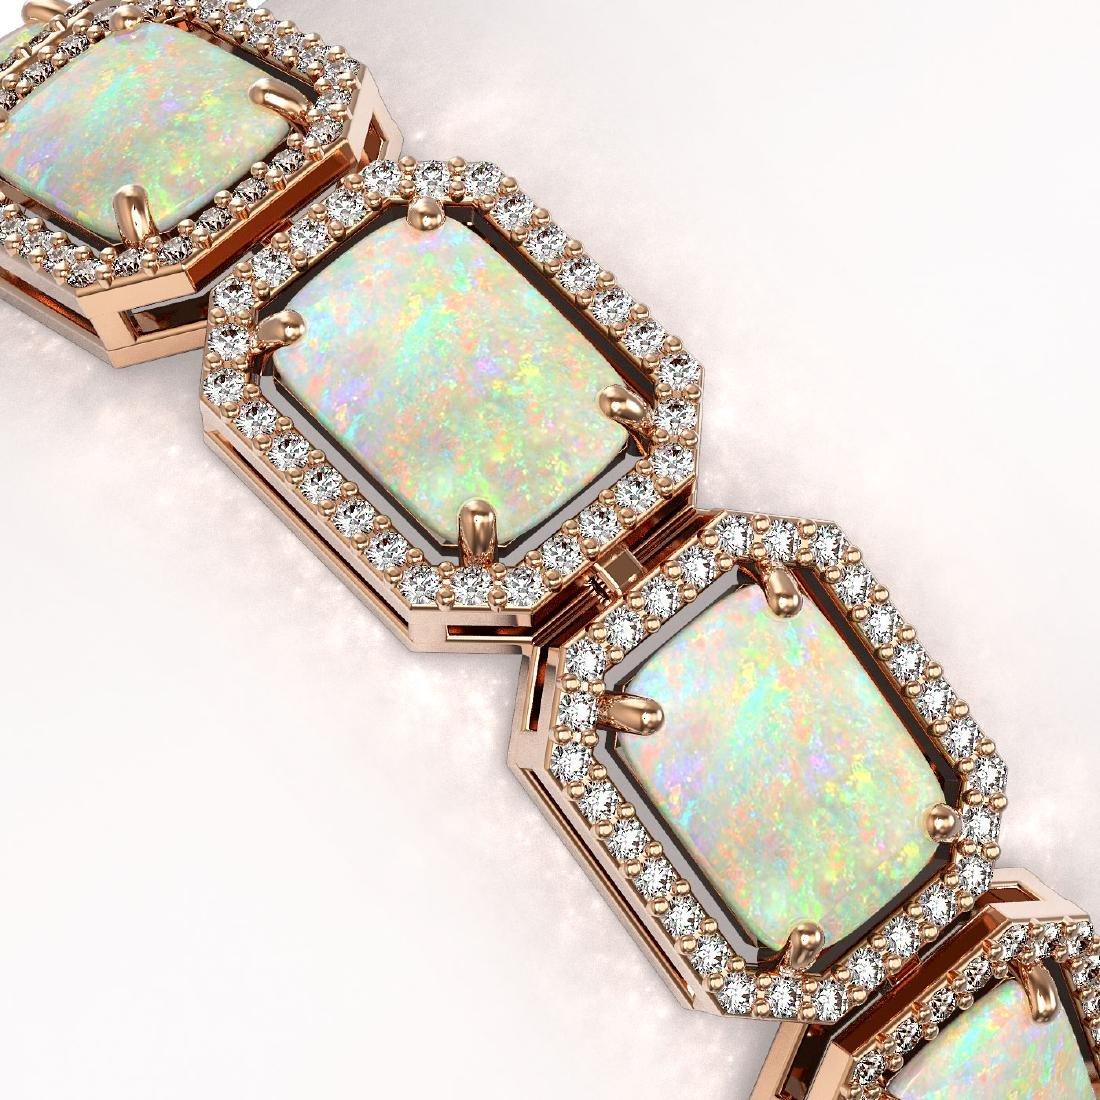 24.37 CTW Opal & Diamond Halo Bracelet 10K Rose Gold - 2